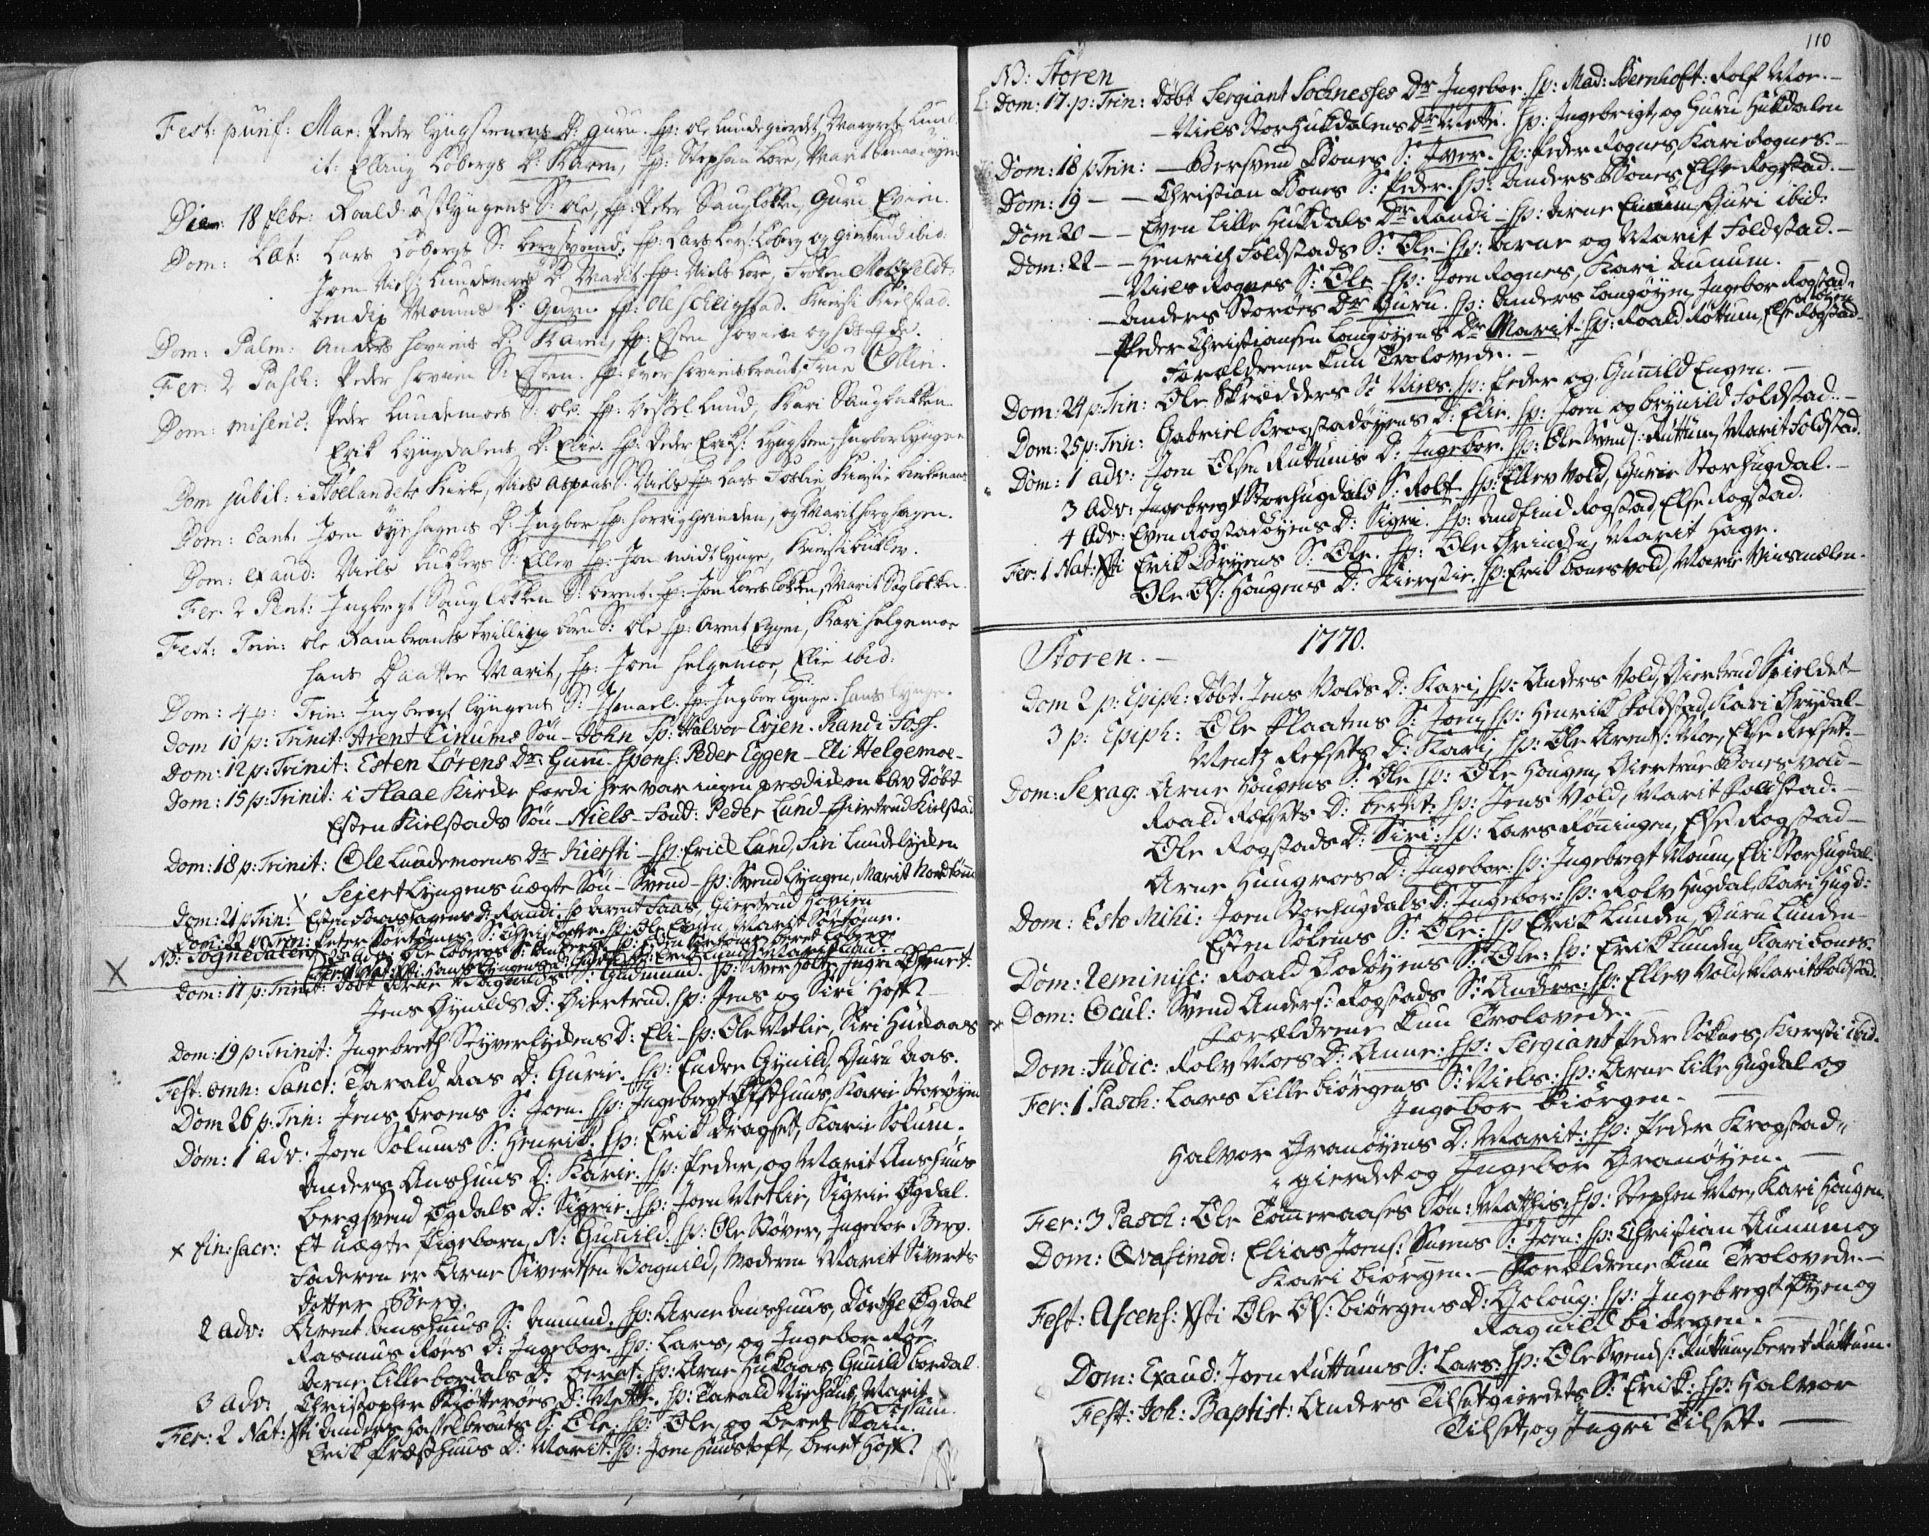 SAT, Ministerialprotokoller, klokkerbøker og fødselsregistre - Sør-Trøndelag, 687/L0991: Ministerialbok nr. 687A02, 1747-1790, s. 110